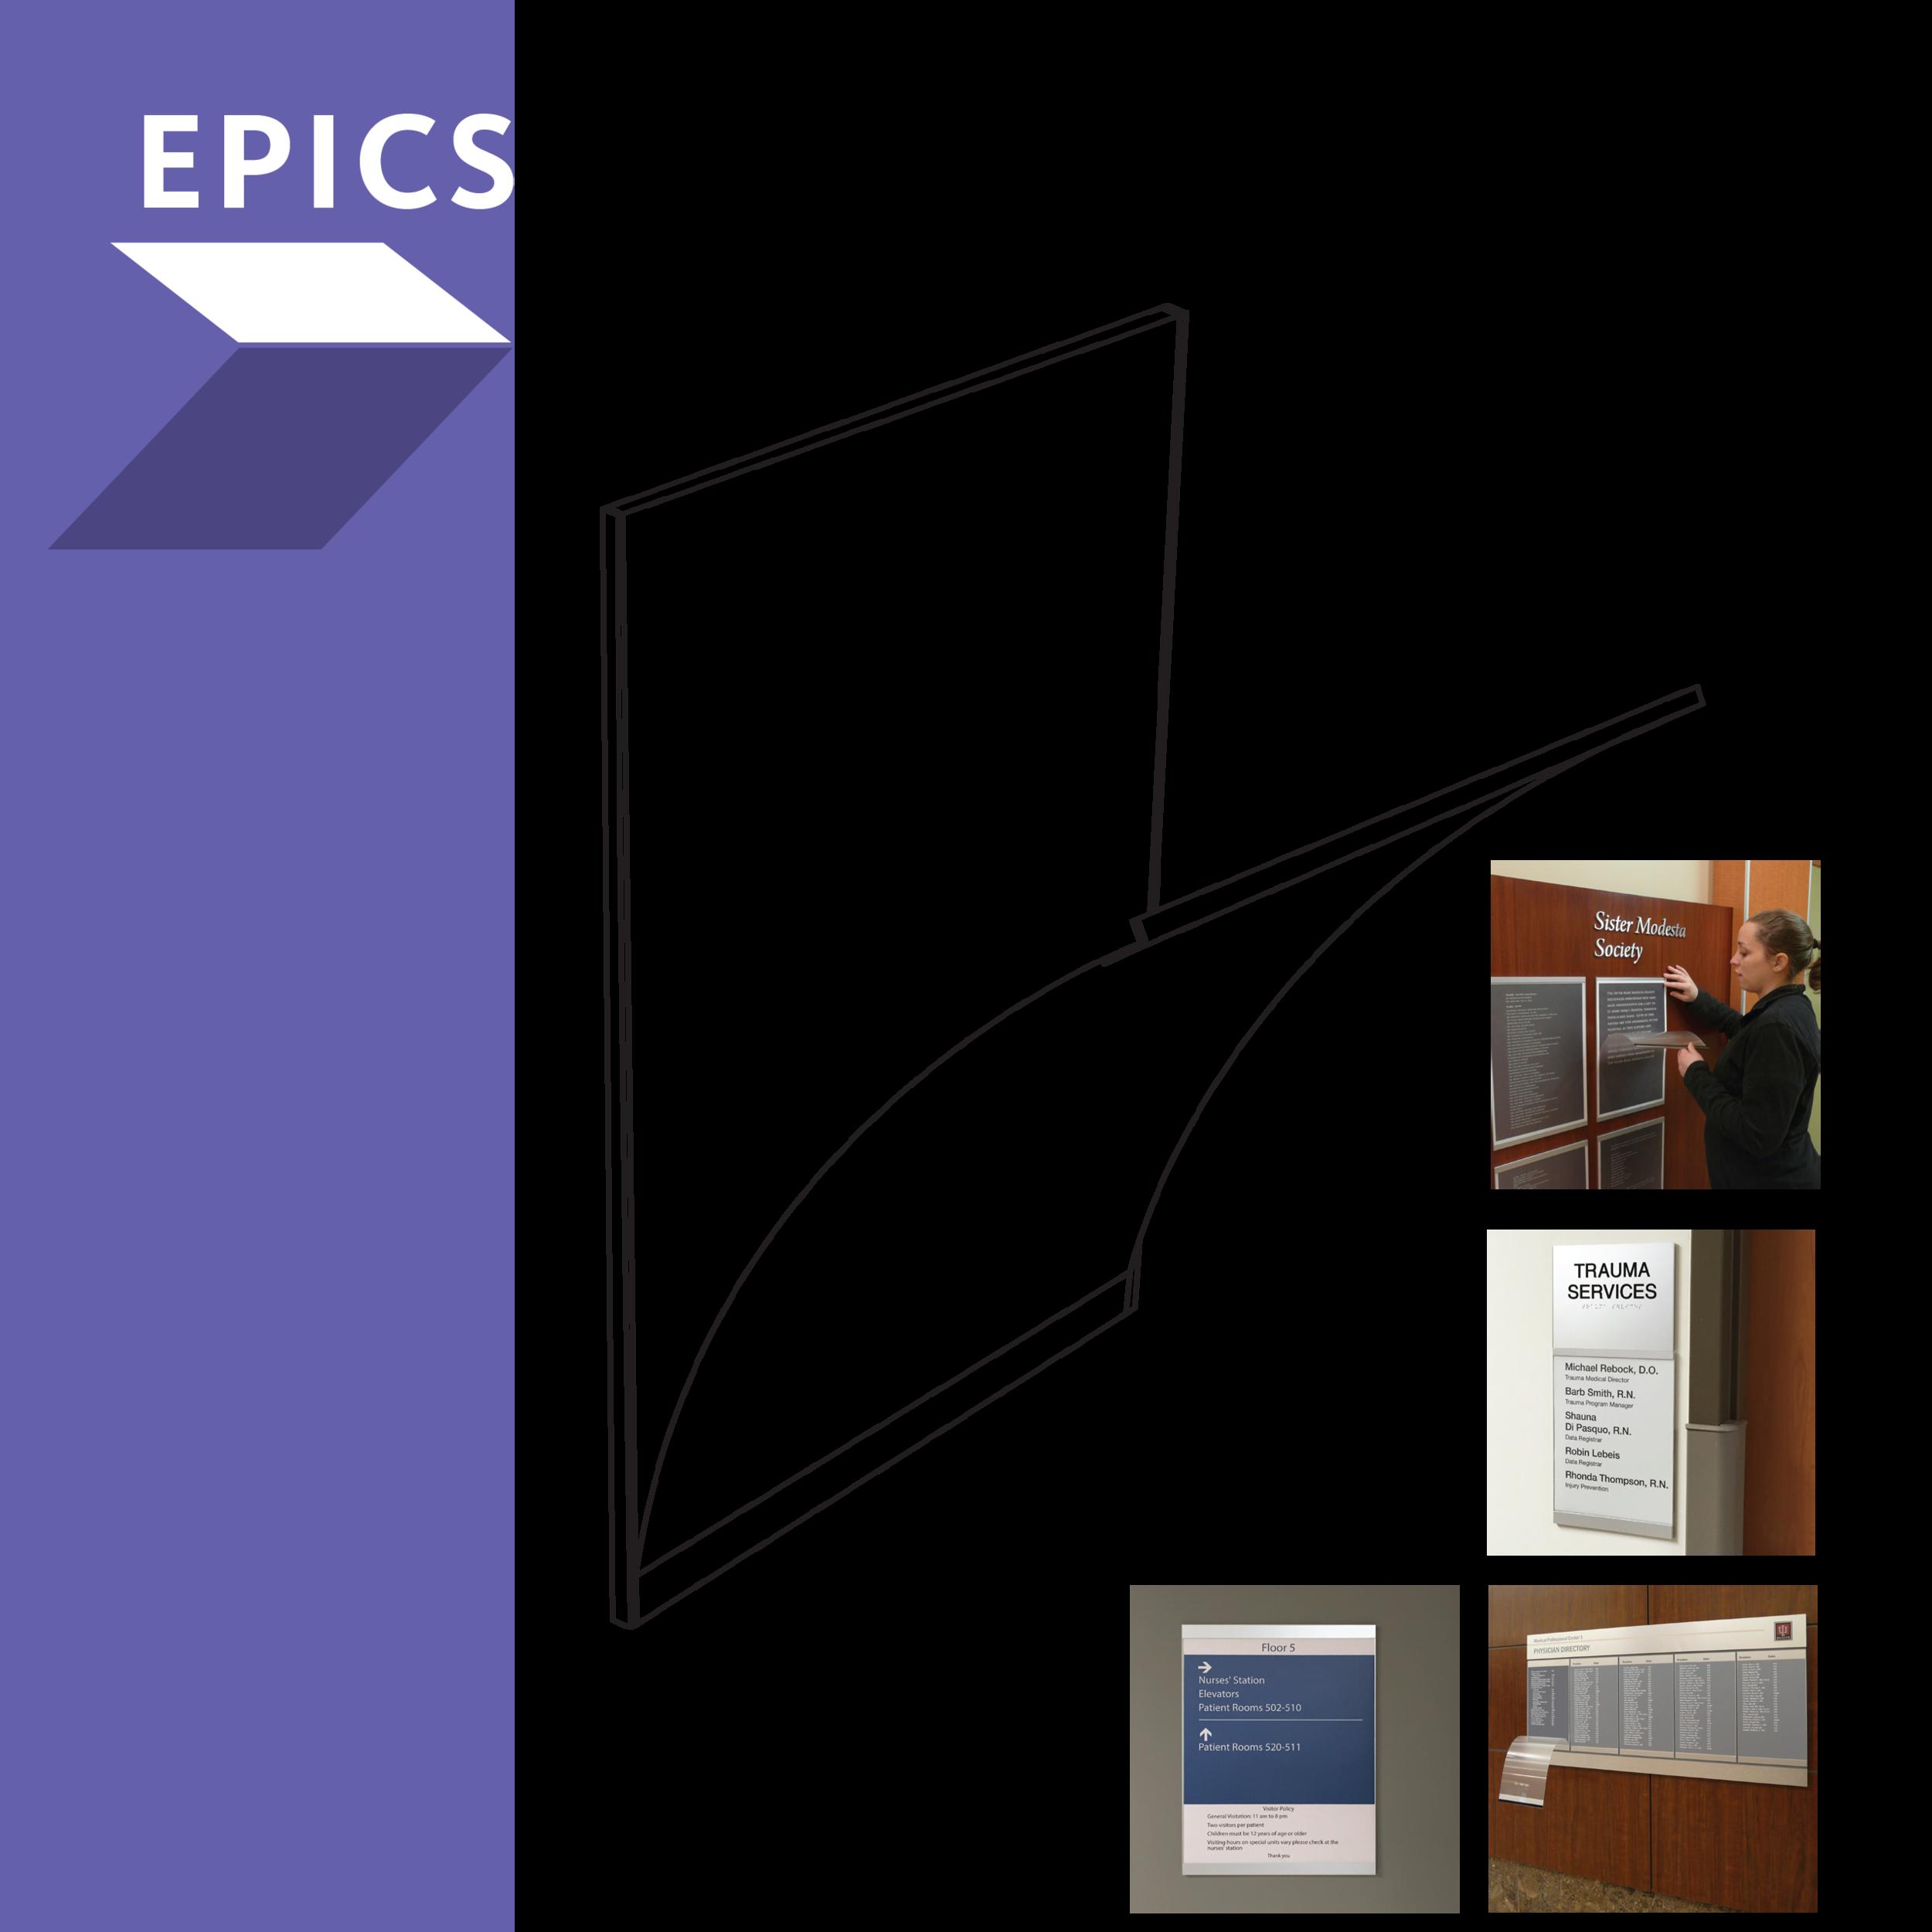 EPICS-01.png